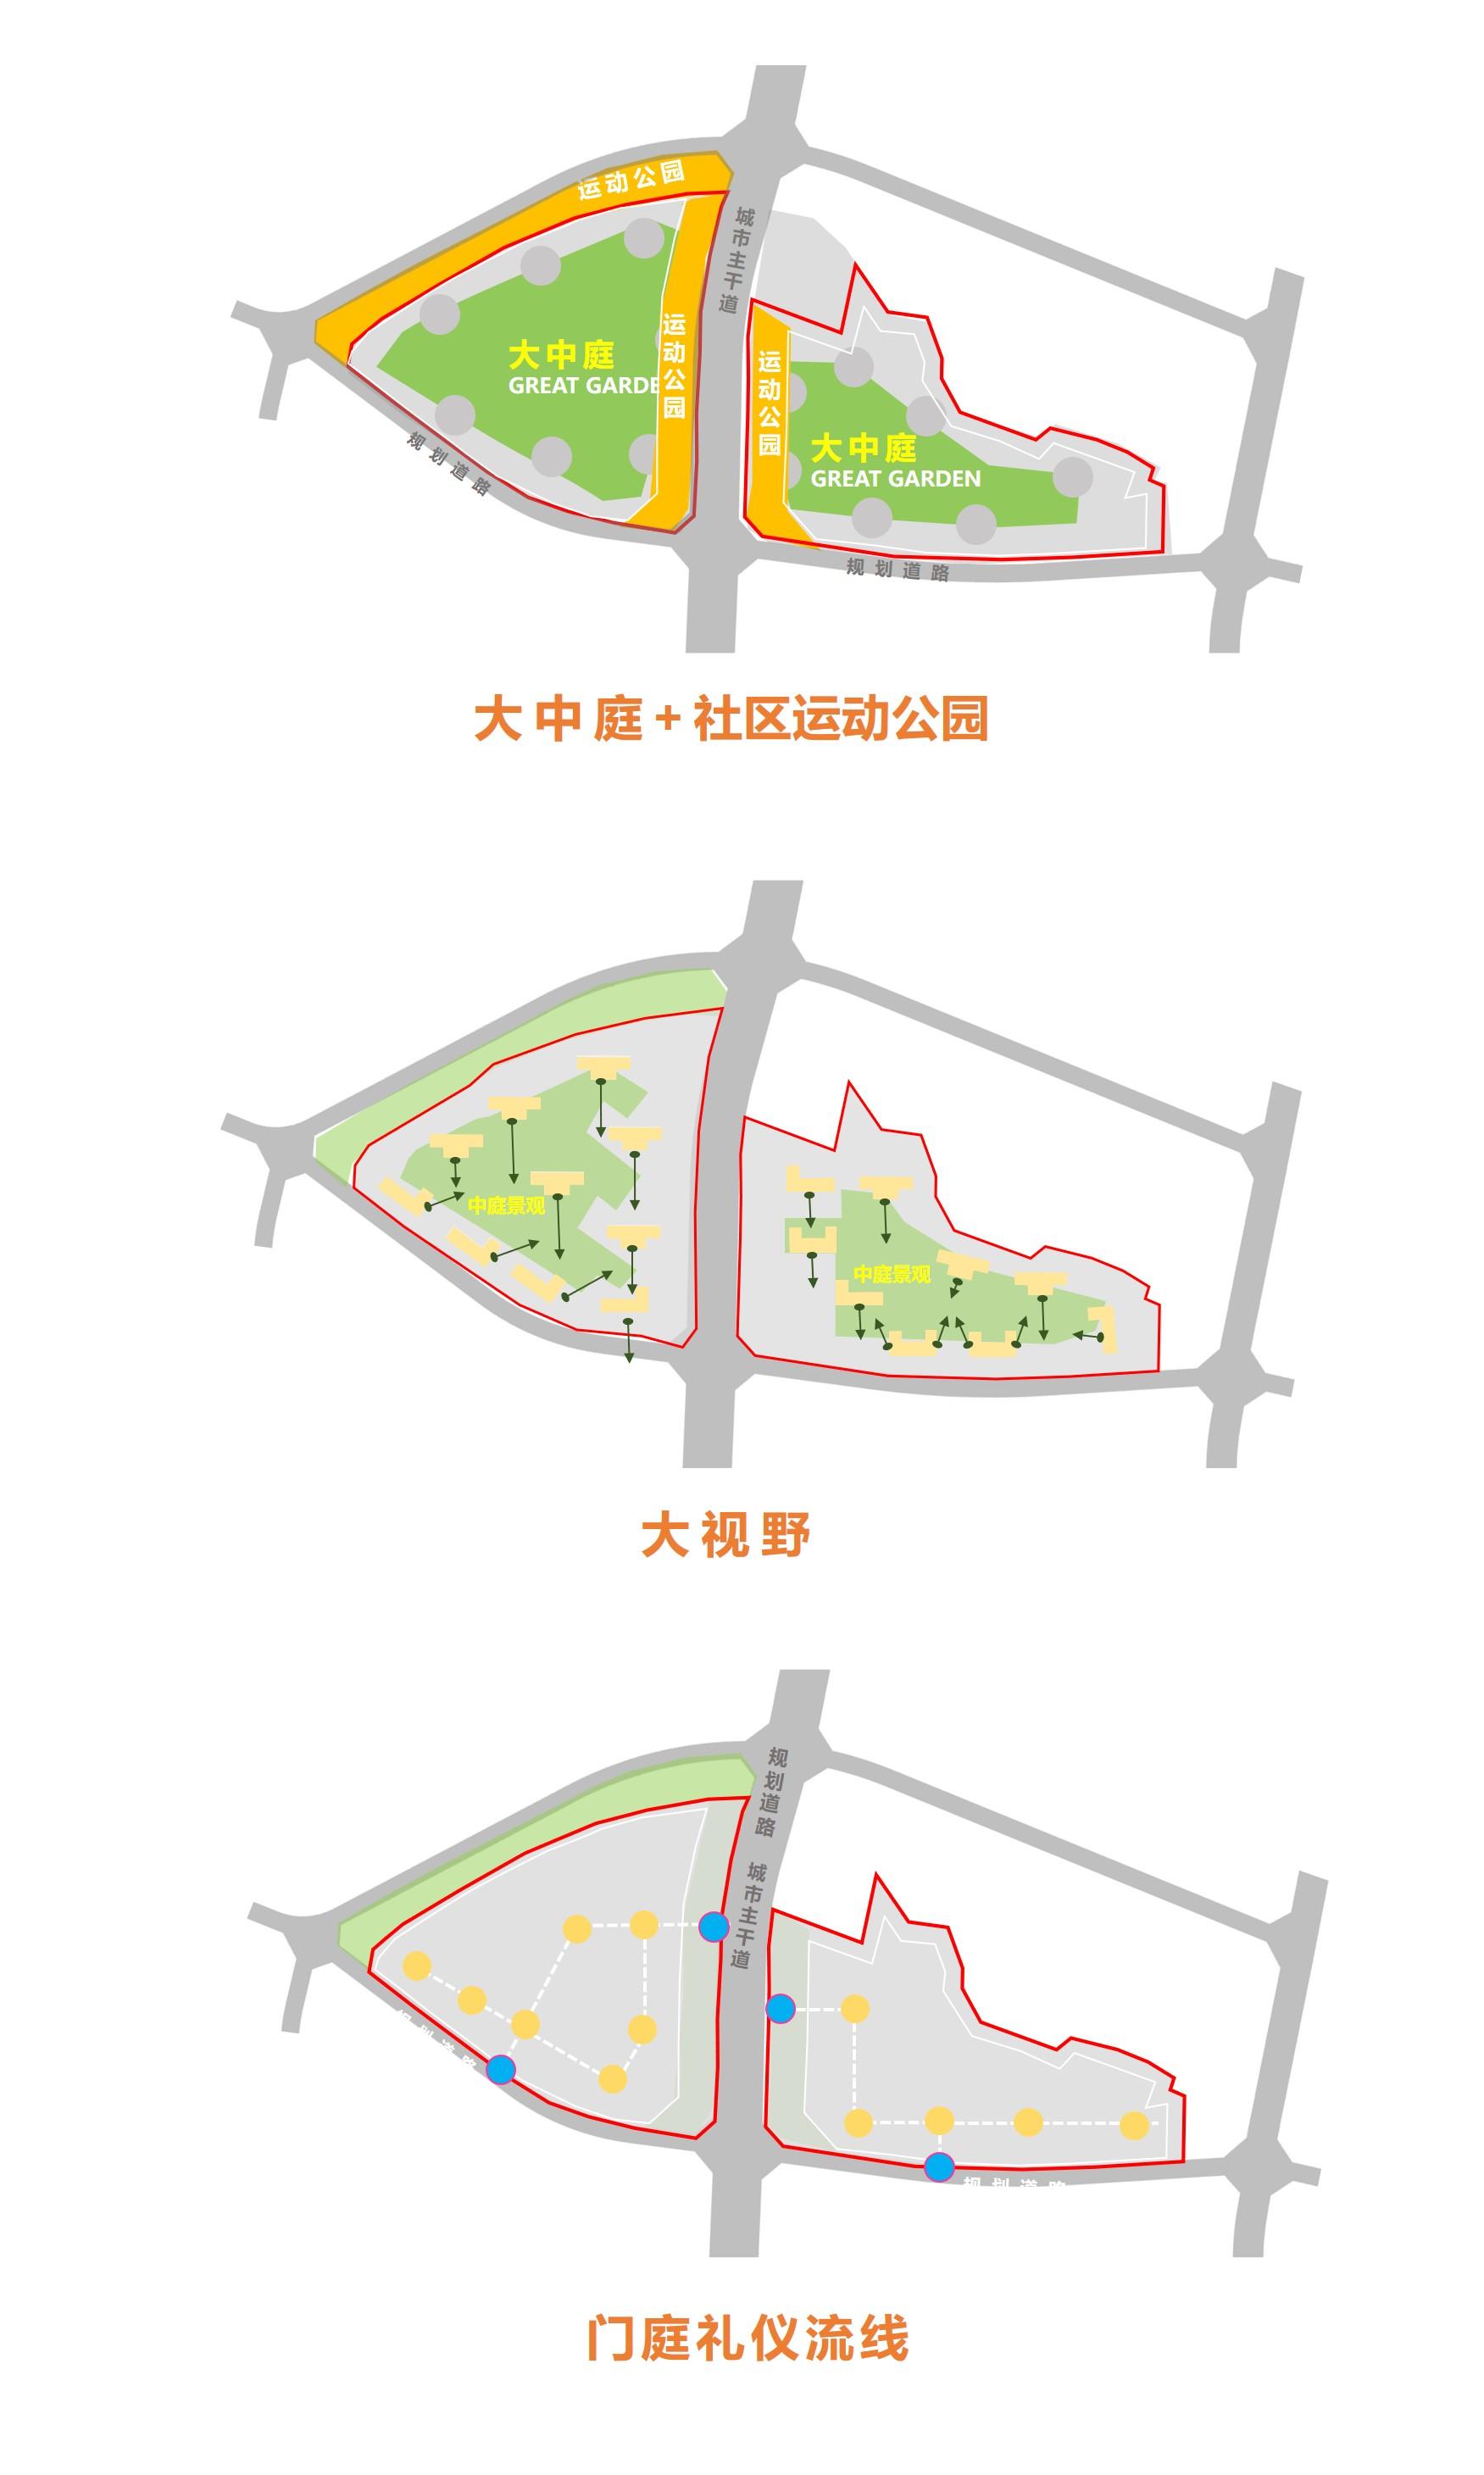 昆明·招商·雍和府 建筑设计 /  AAD长厦安基